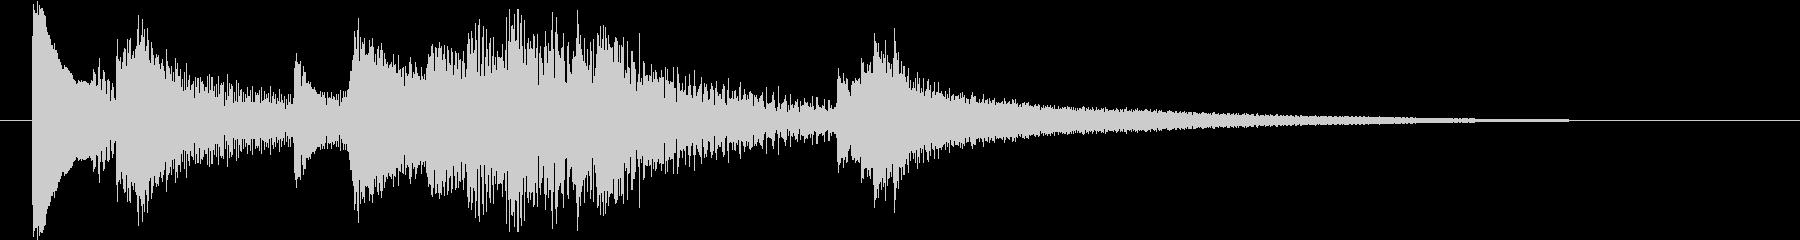 ジャズピアノ風サウンドロゴ の未再生の波形